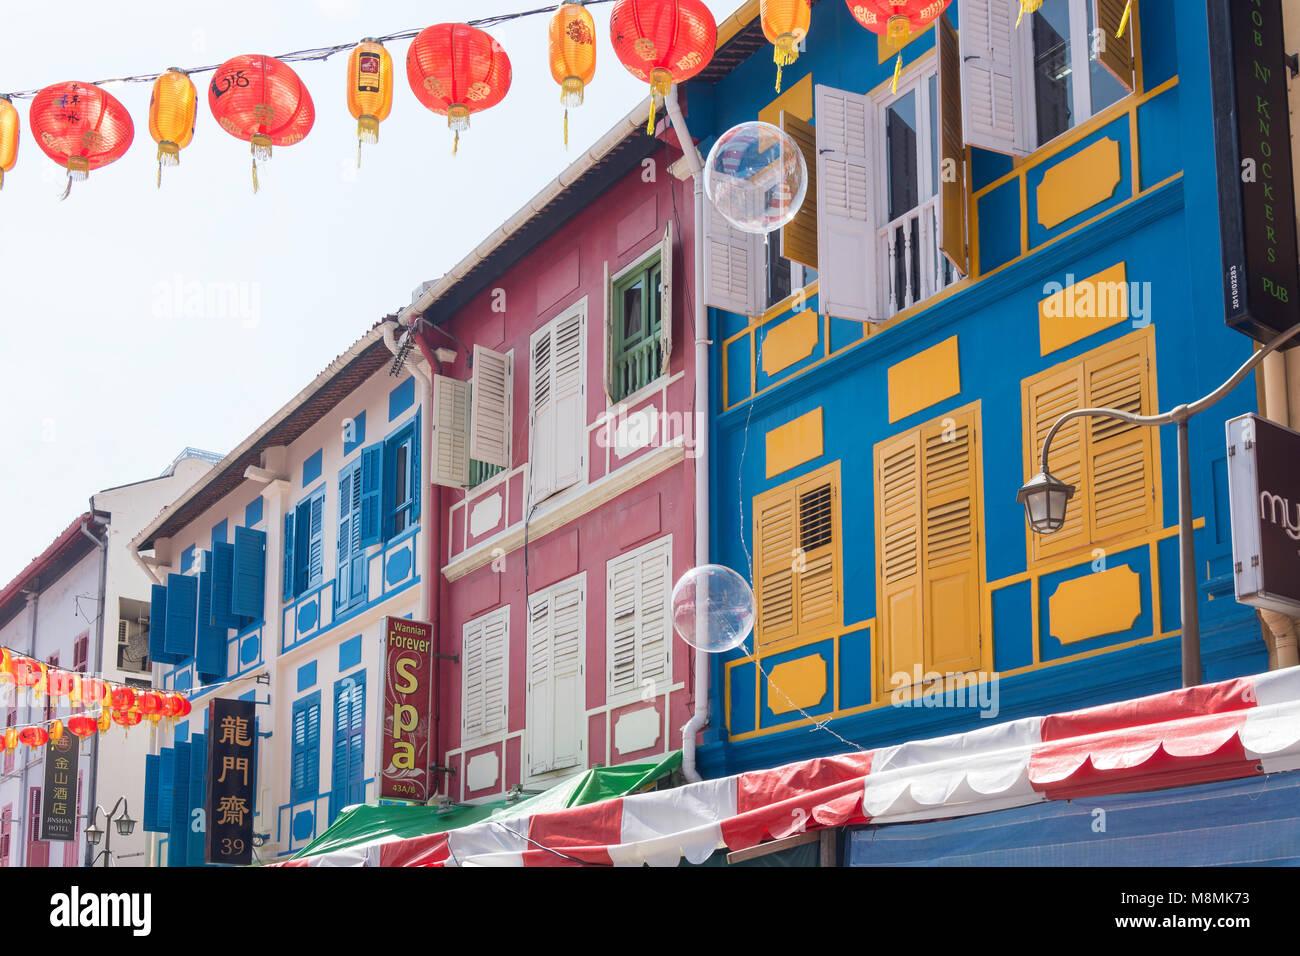 Maisons colorées et des lanternes, Temple Street, Chinatown, District de Outram, Secteur Central, l'île Photo Stock